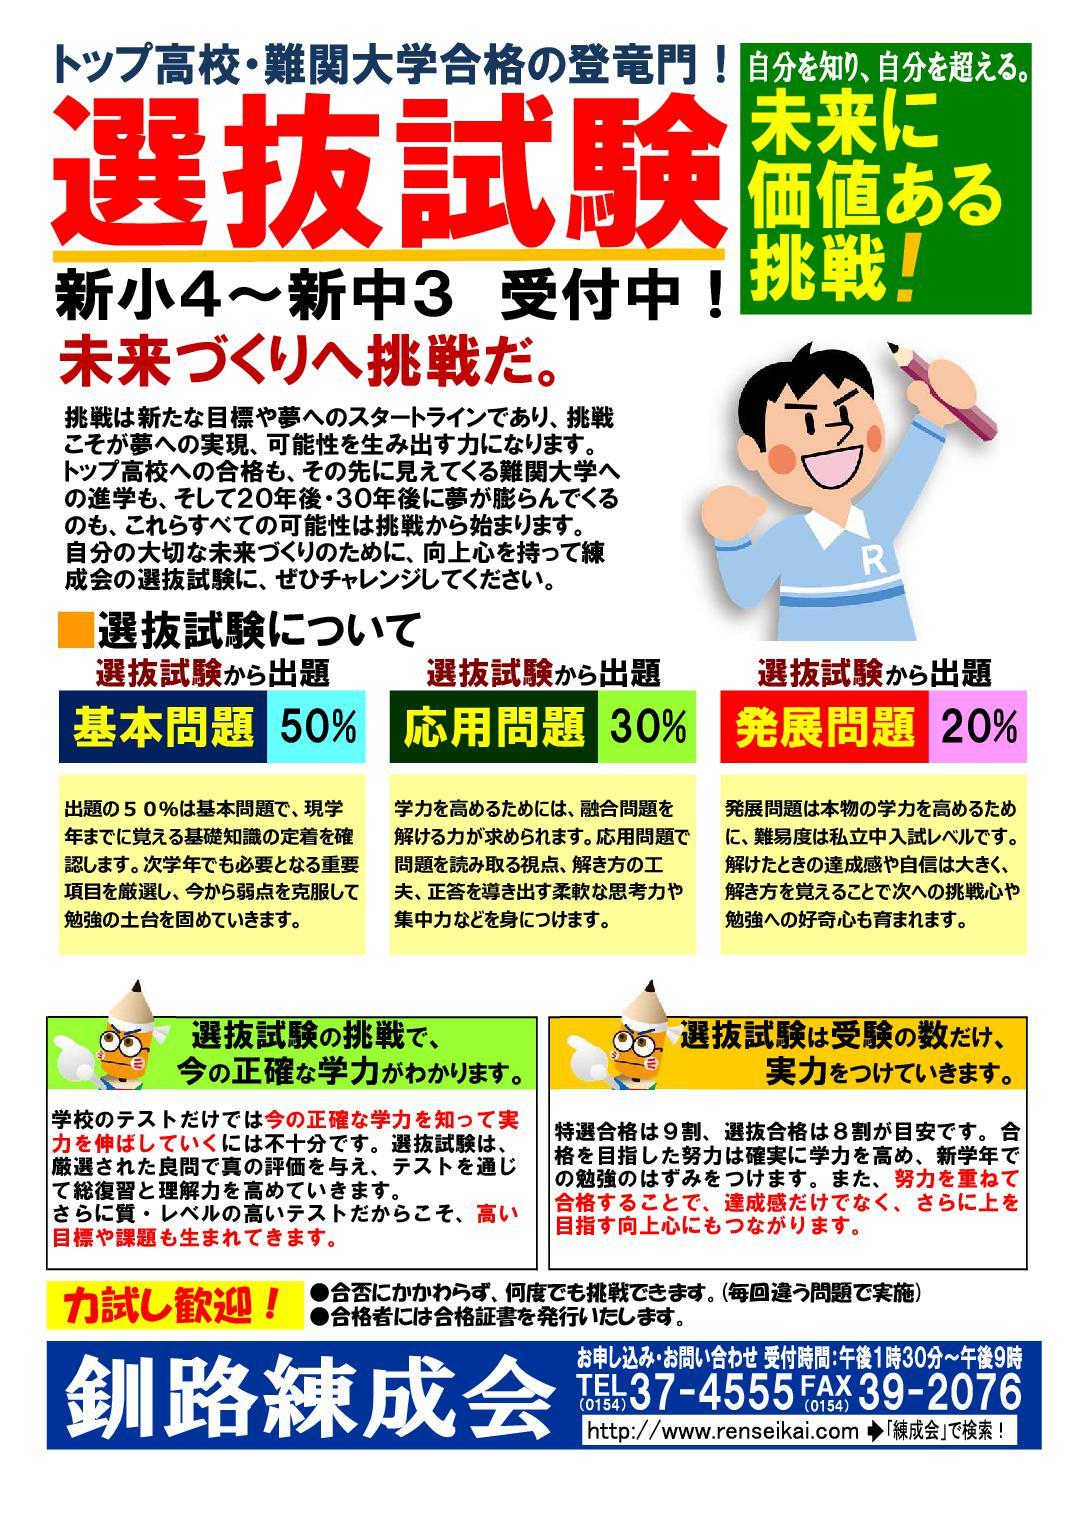 2020年選抜試験のご案内(オモテ).jpg